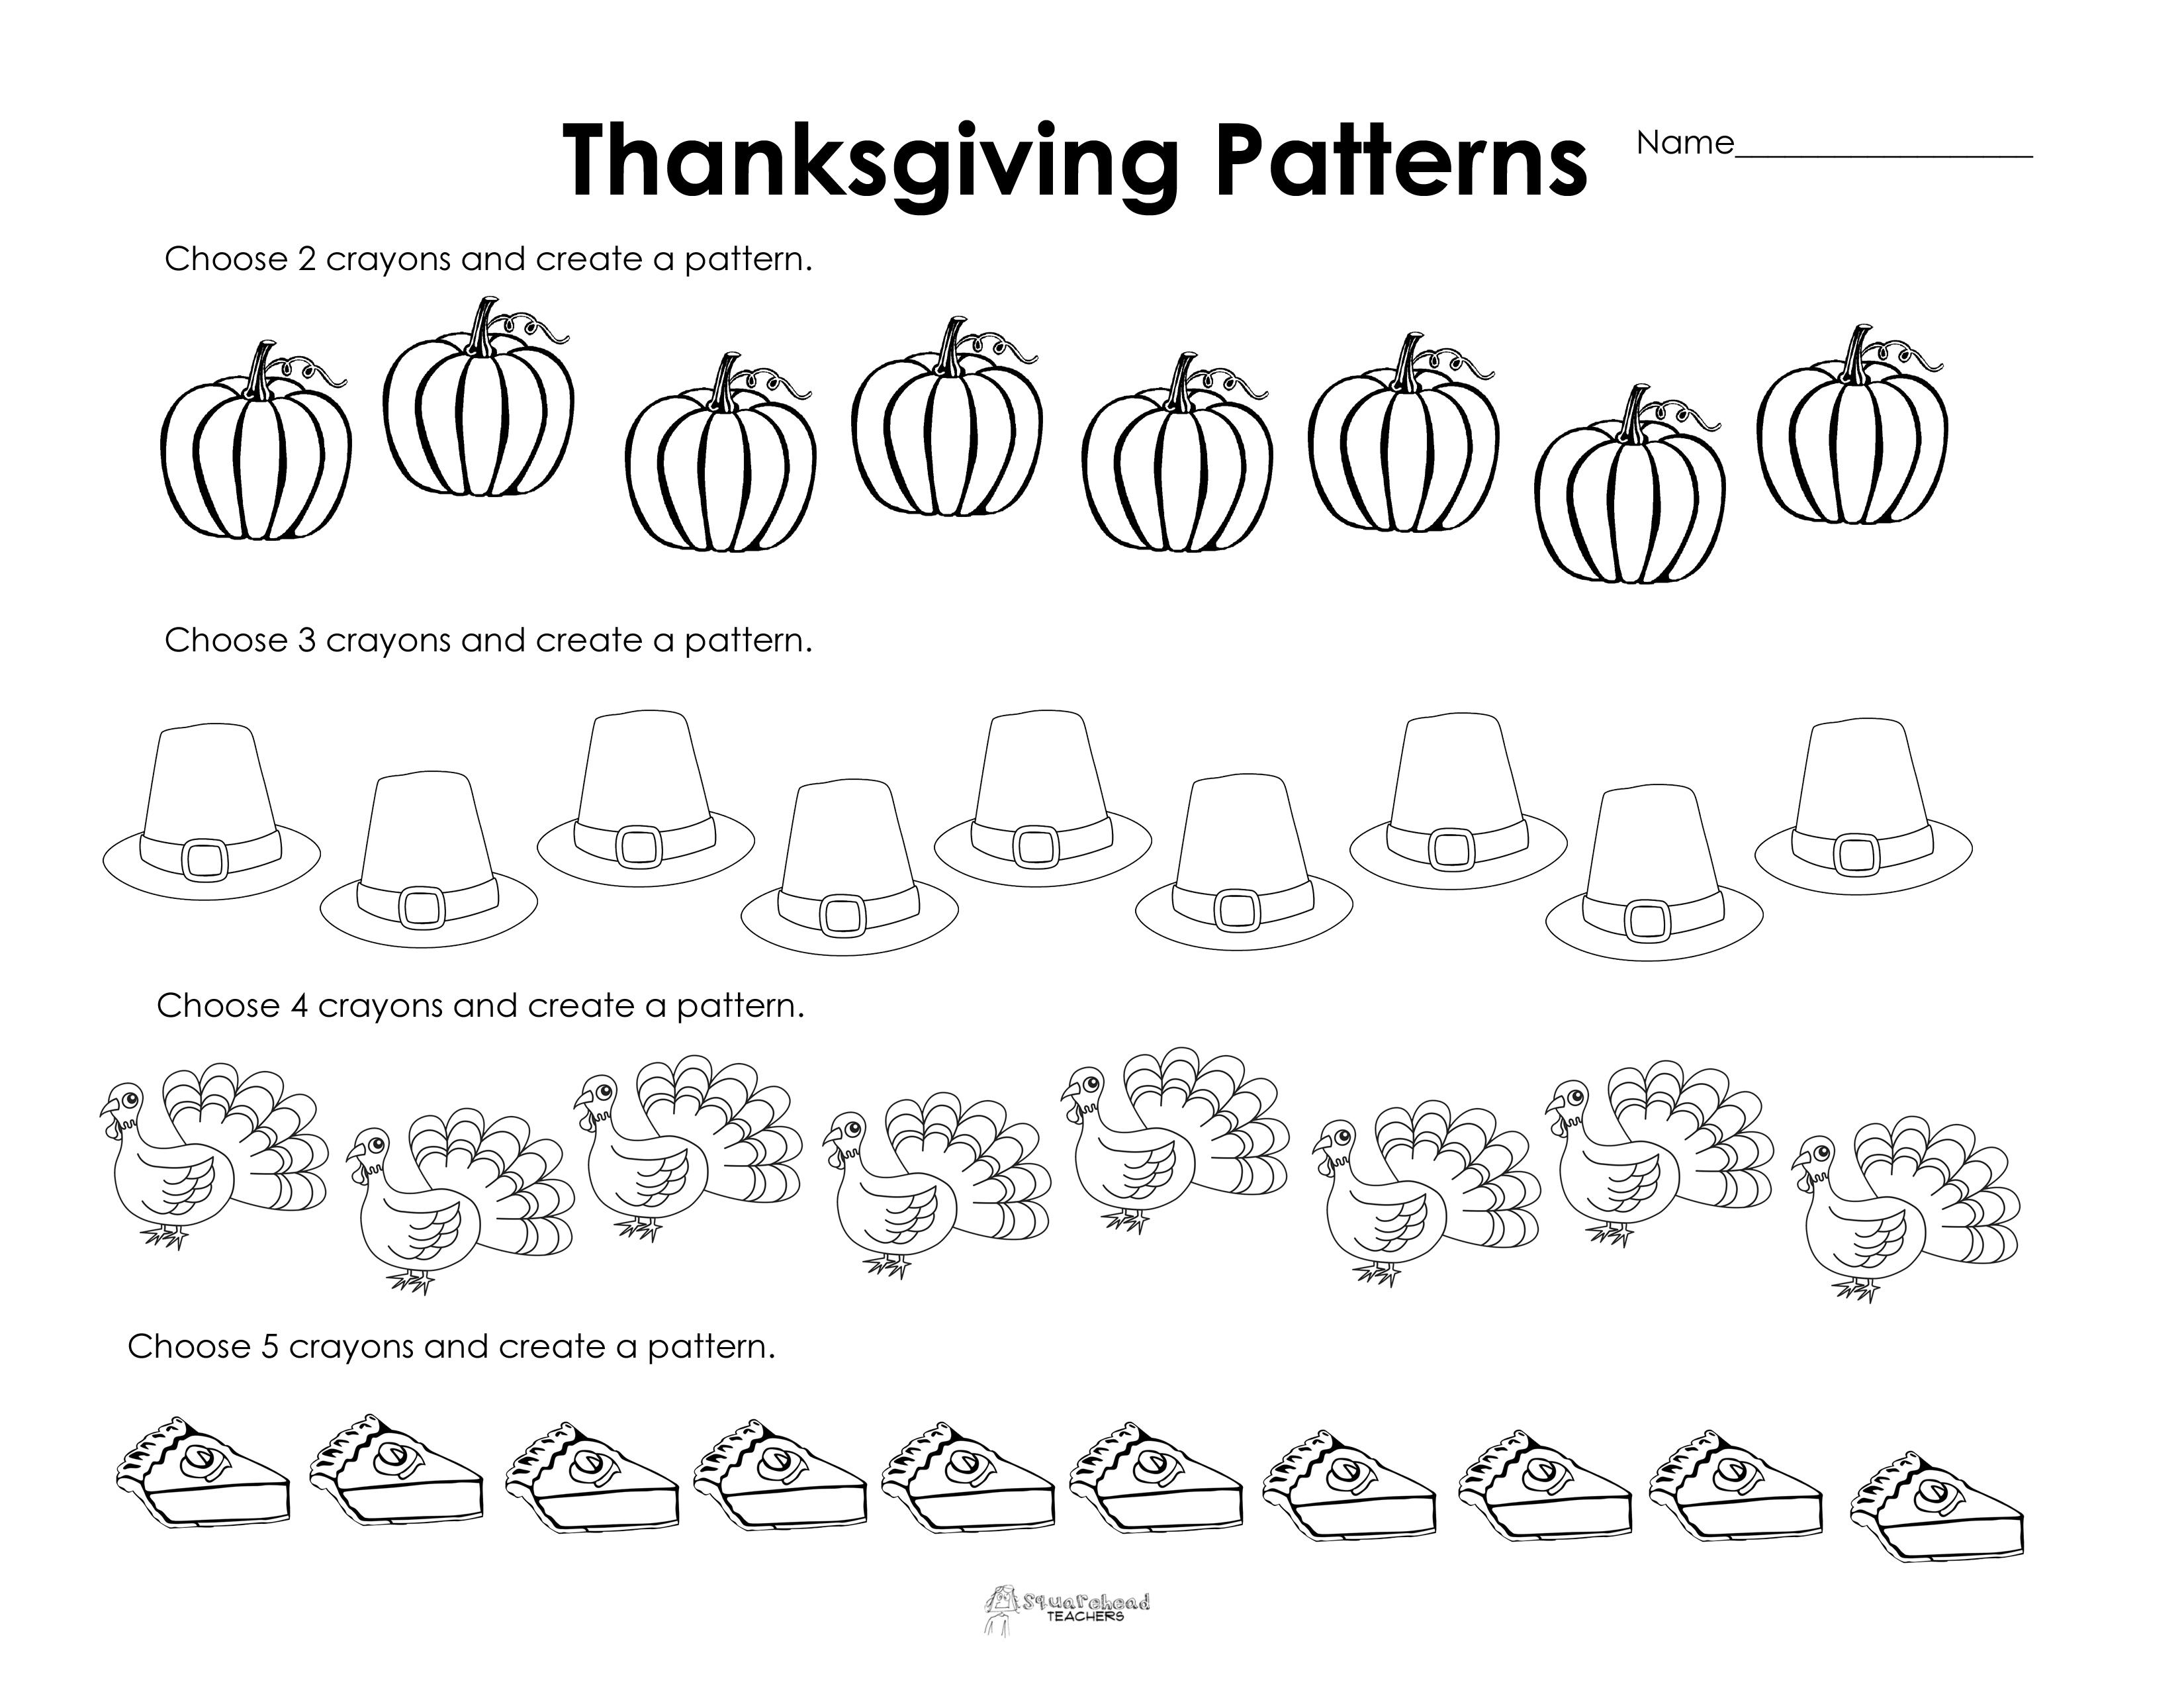 Thanksgiving Social Studies Worksheets For Kindergarten – Social Studies Worksheets 2nd Grade